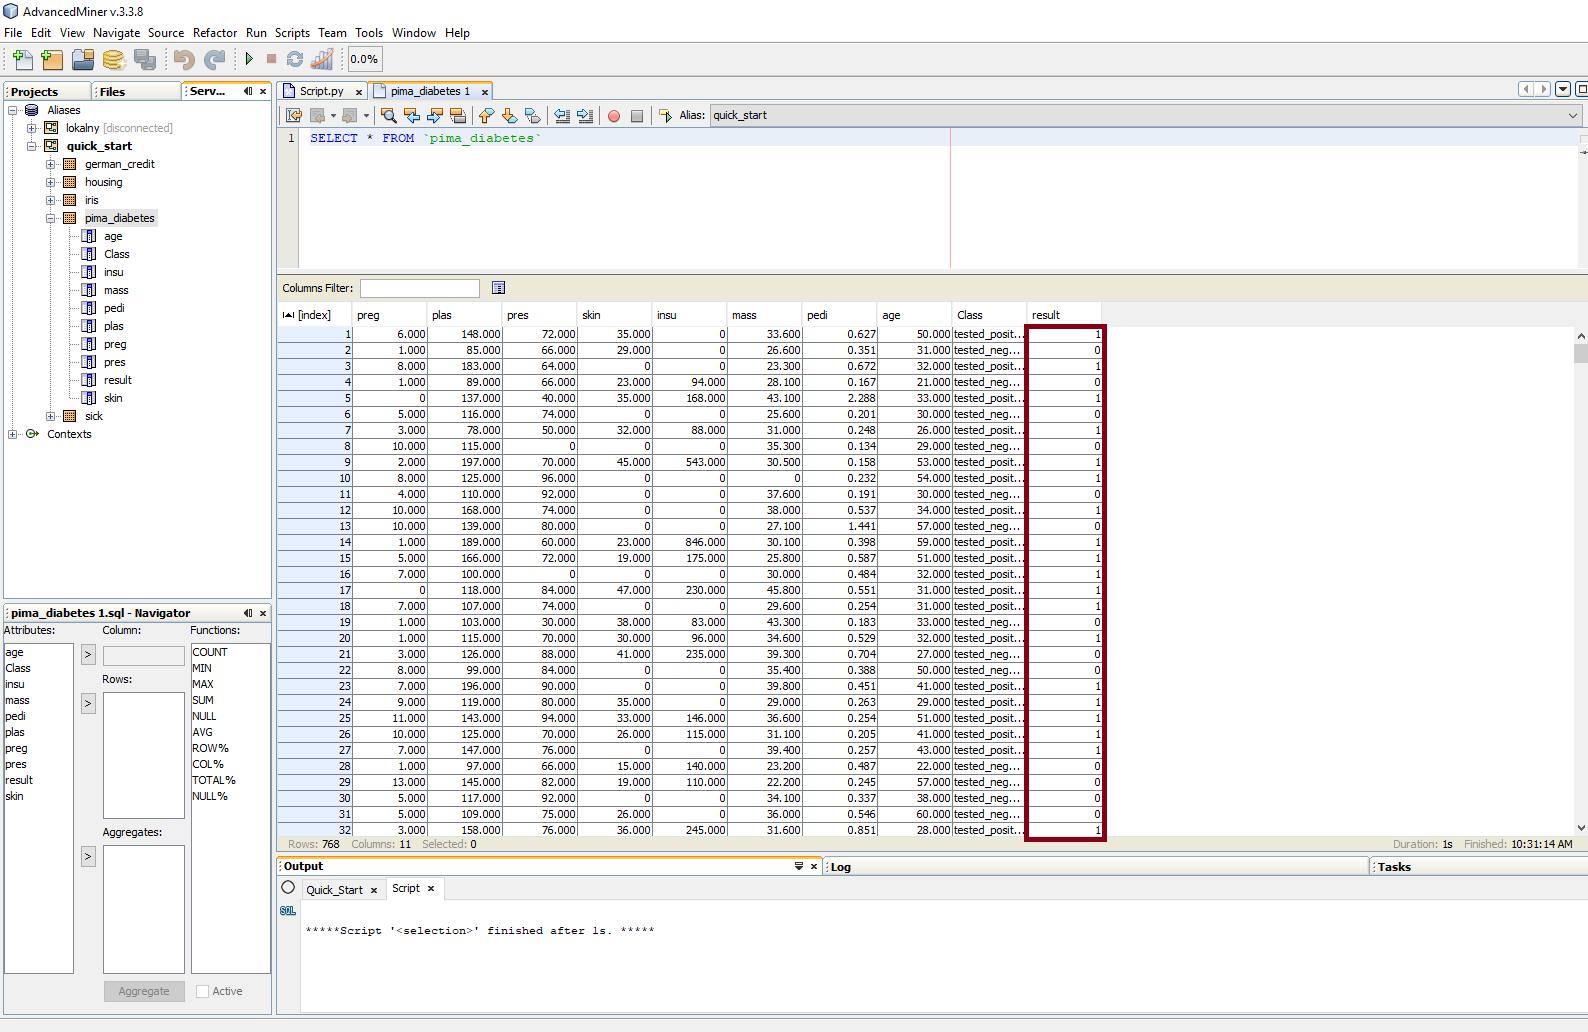 Budowanie modeli predykcyjnych w programie AdvancedMiner - 8